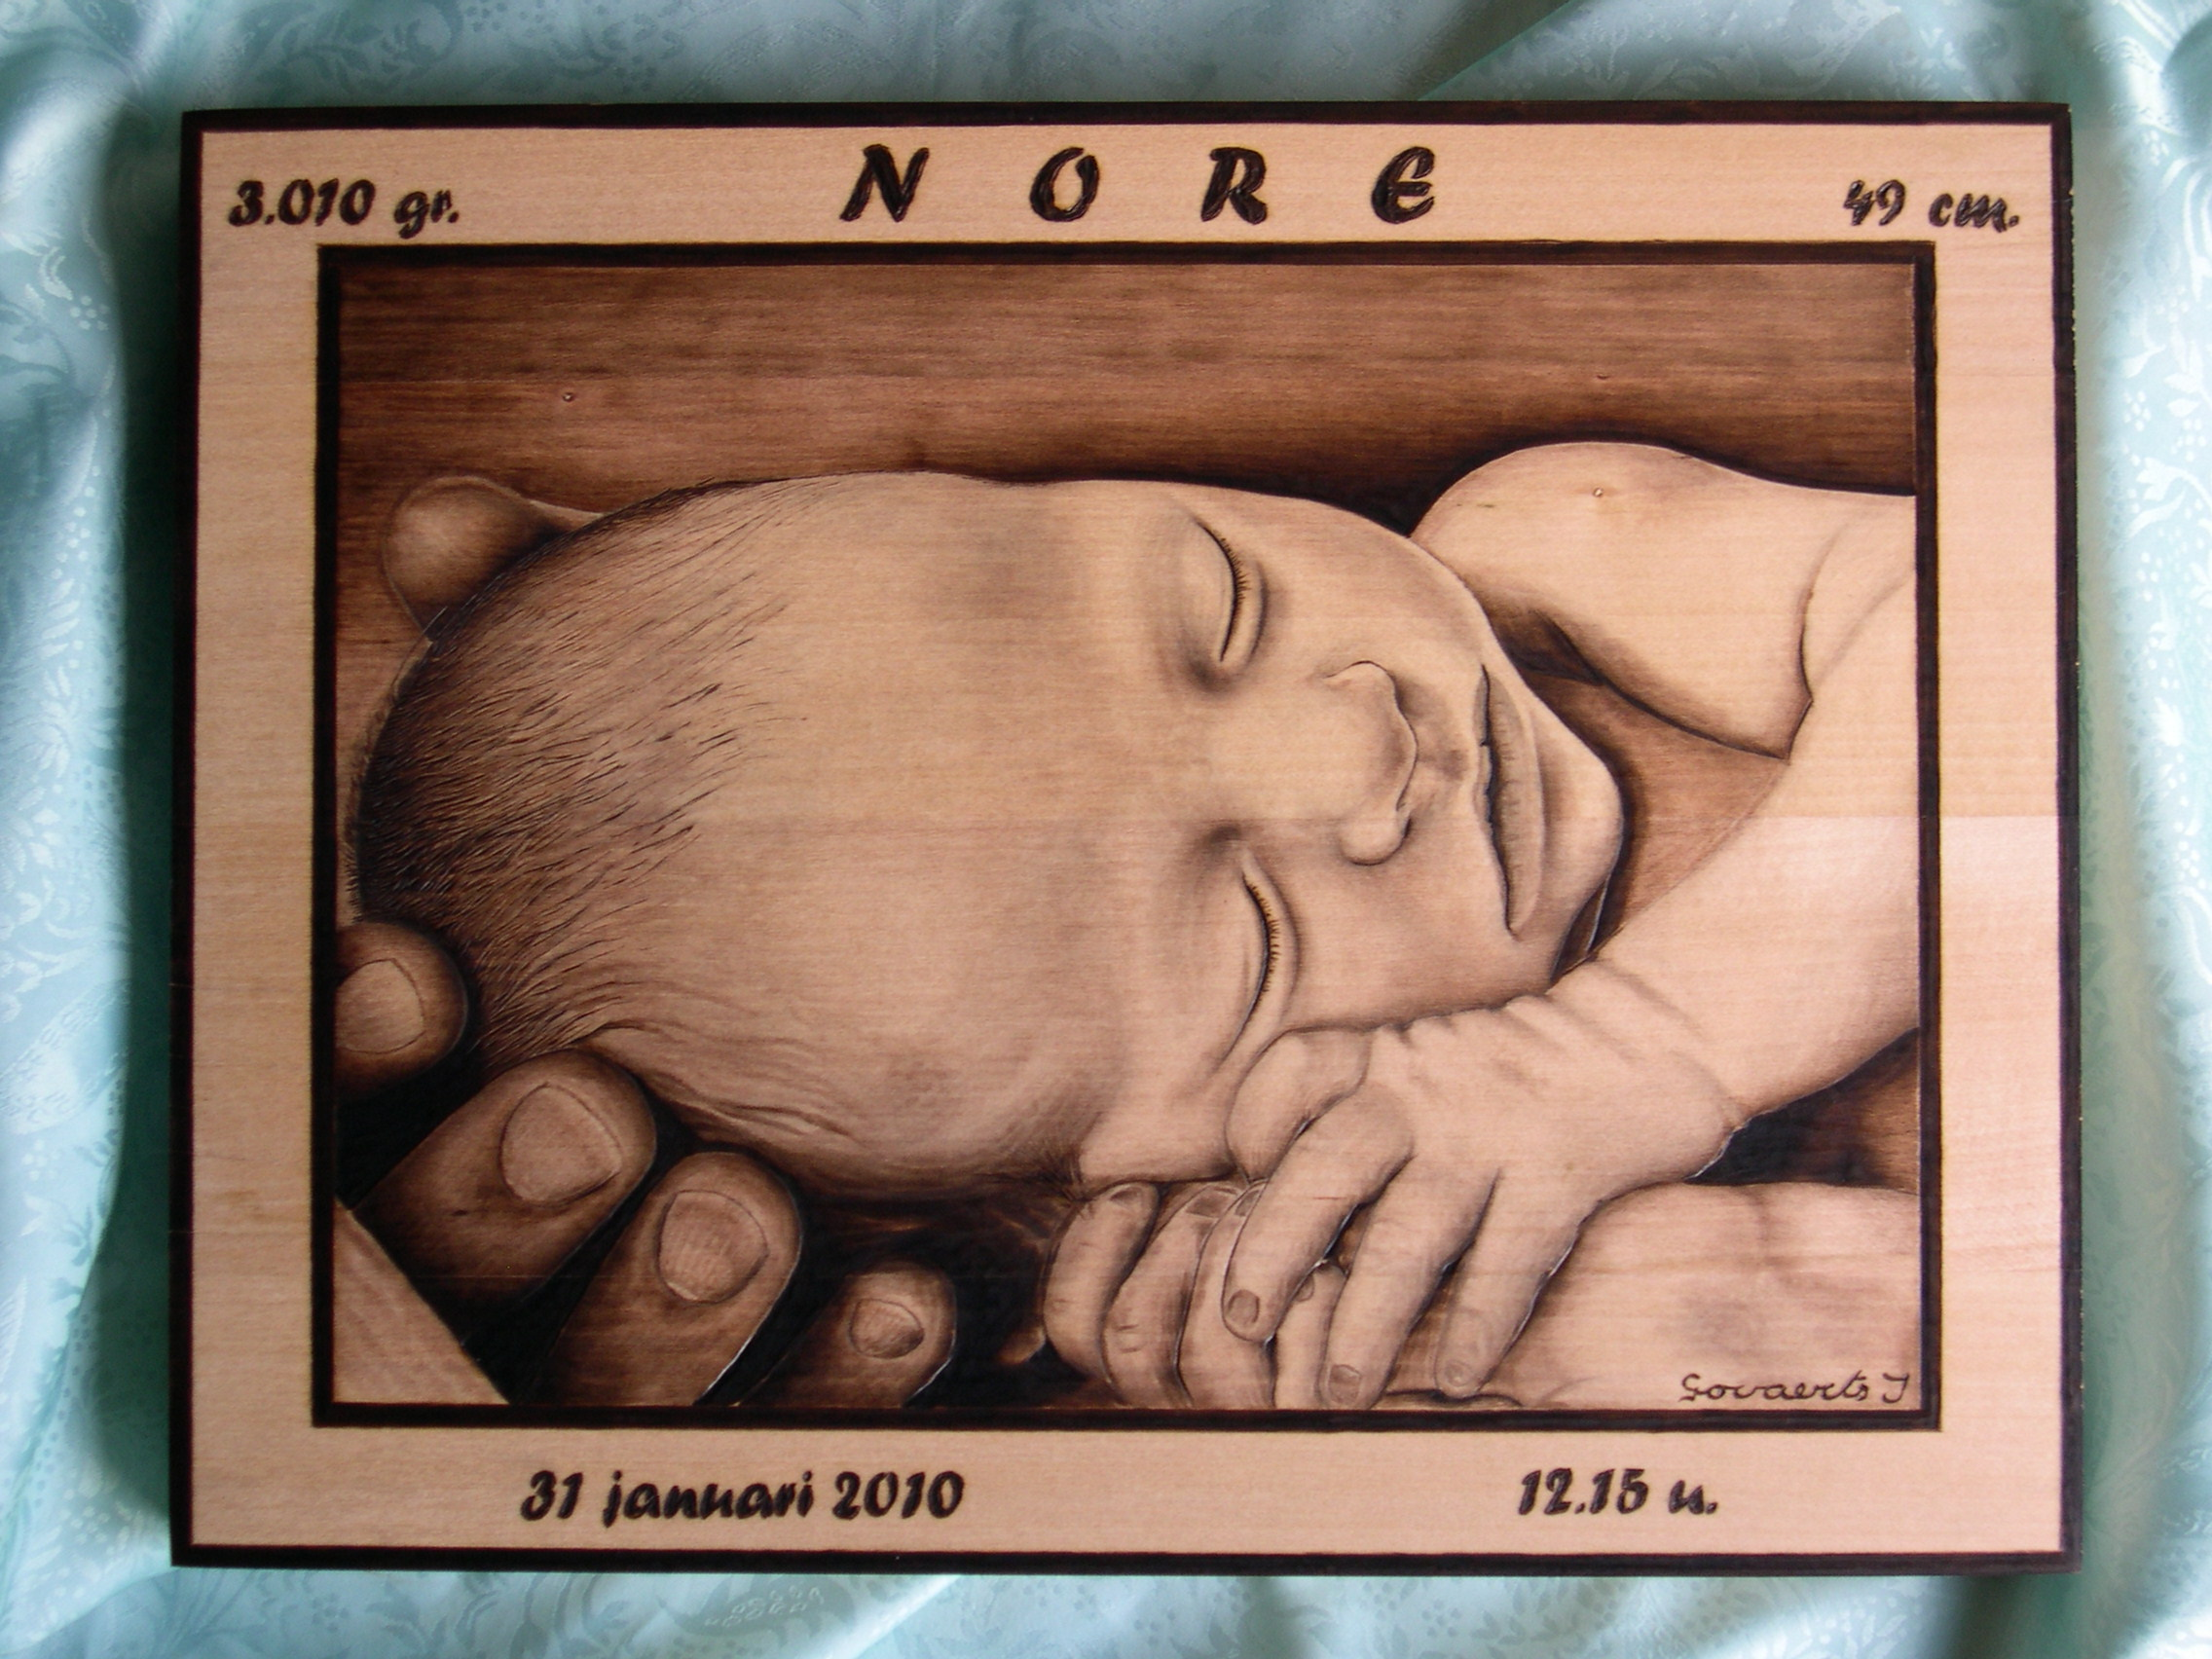 gewicht baby geboorte